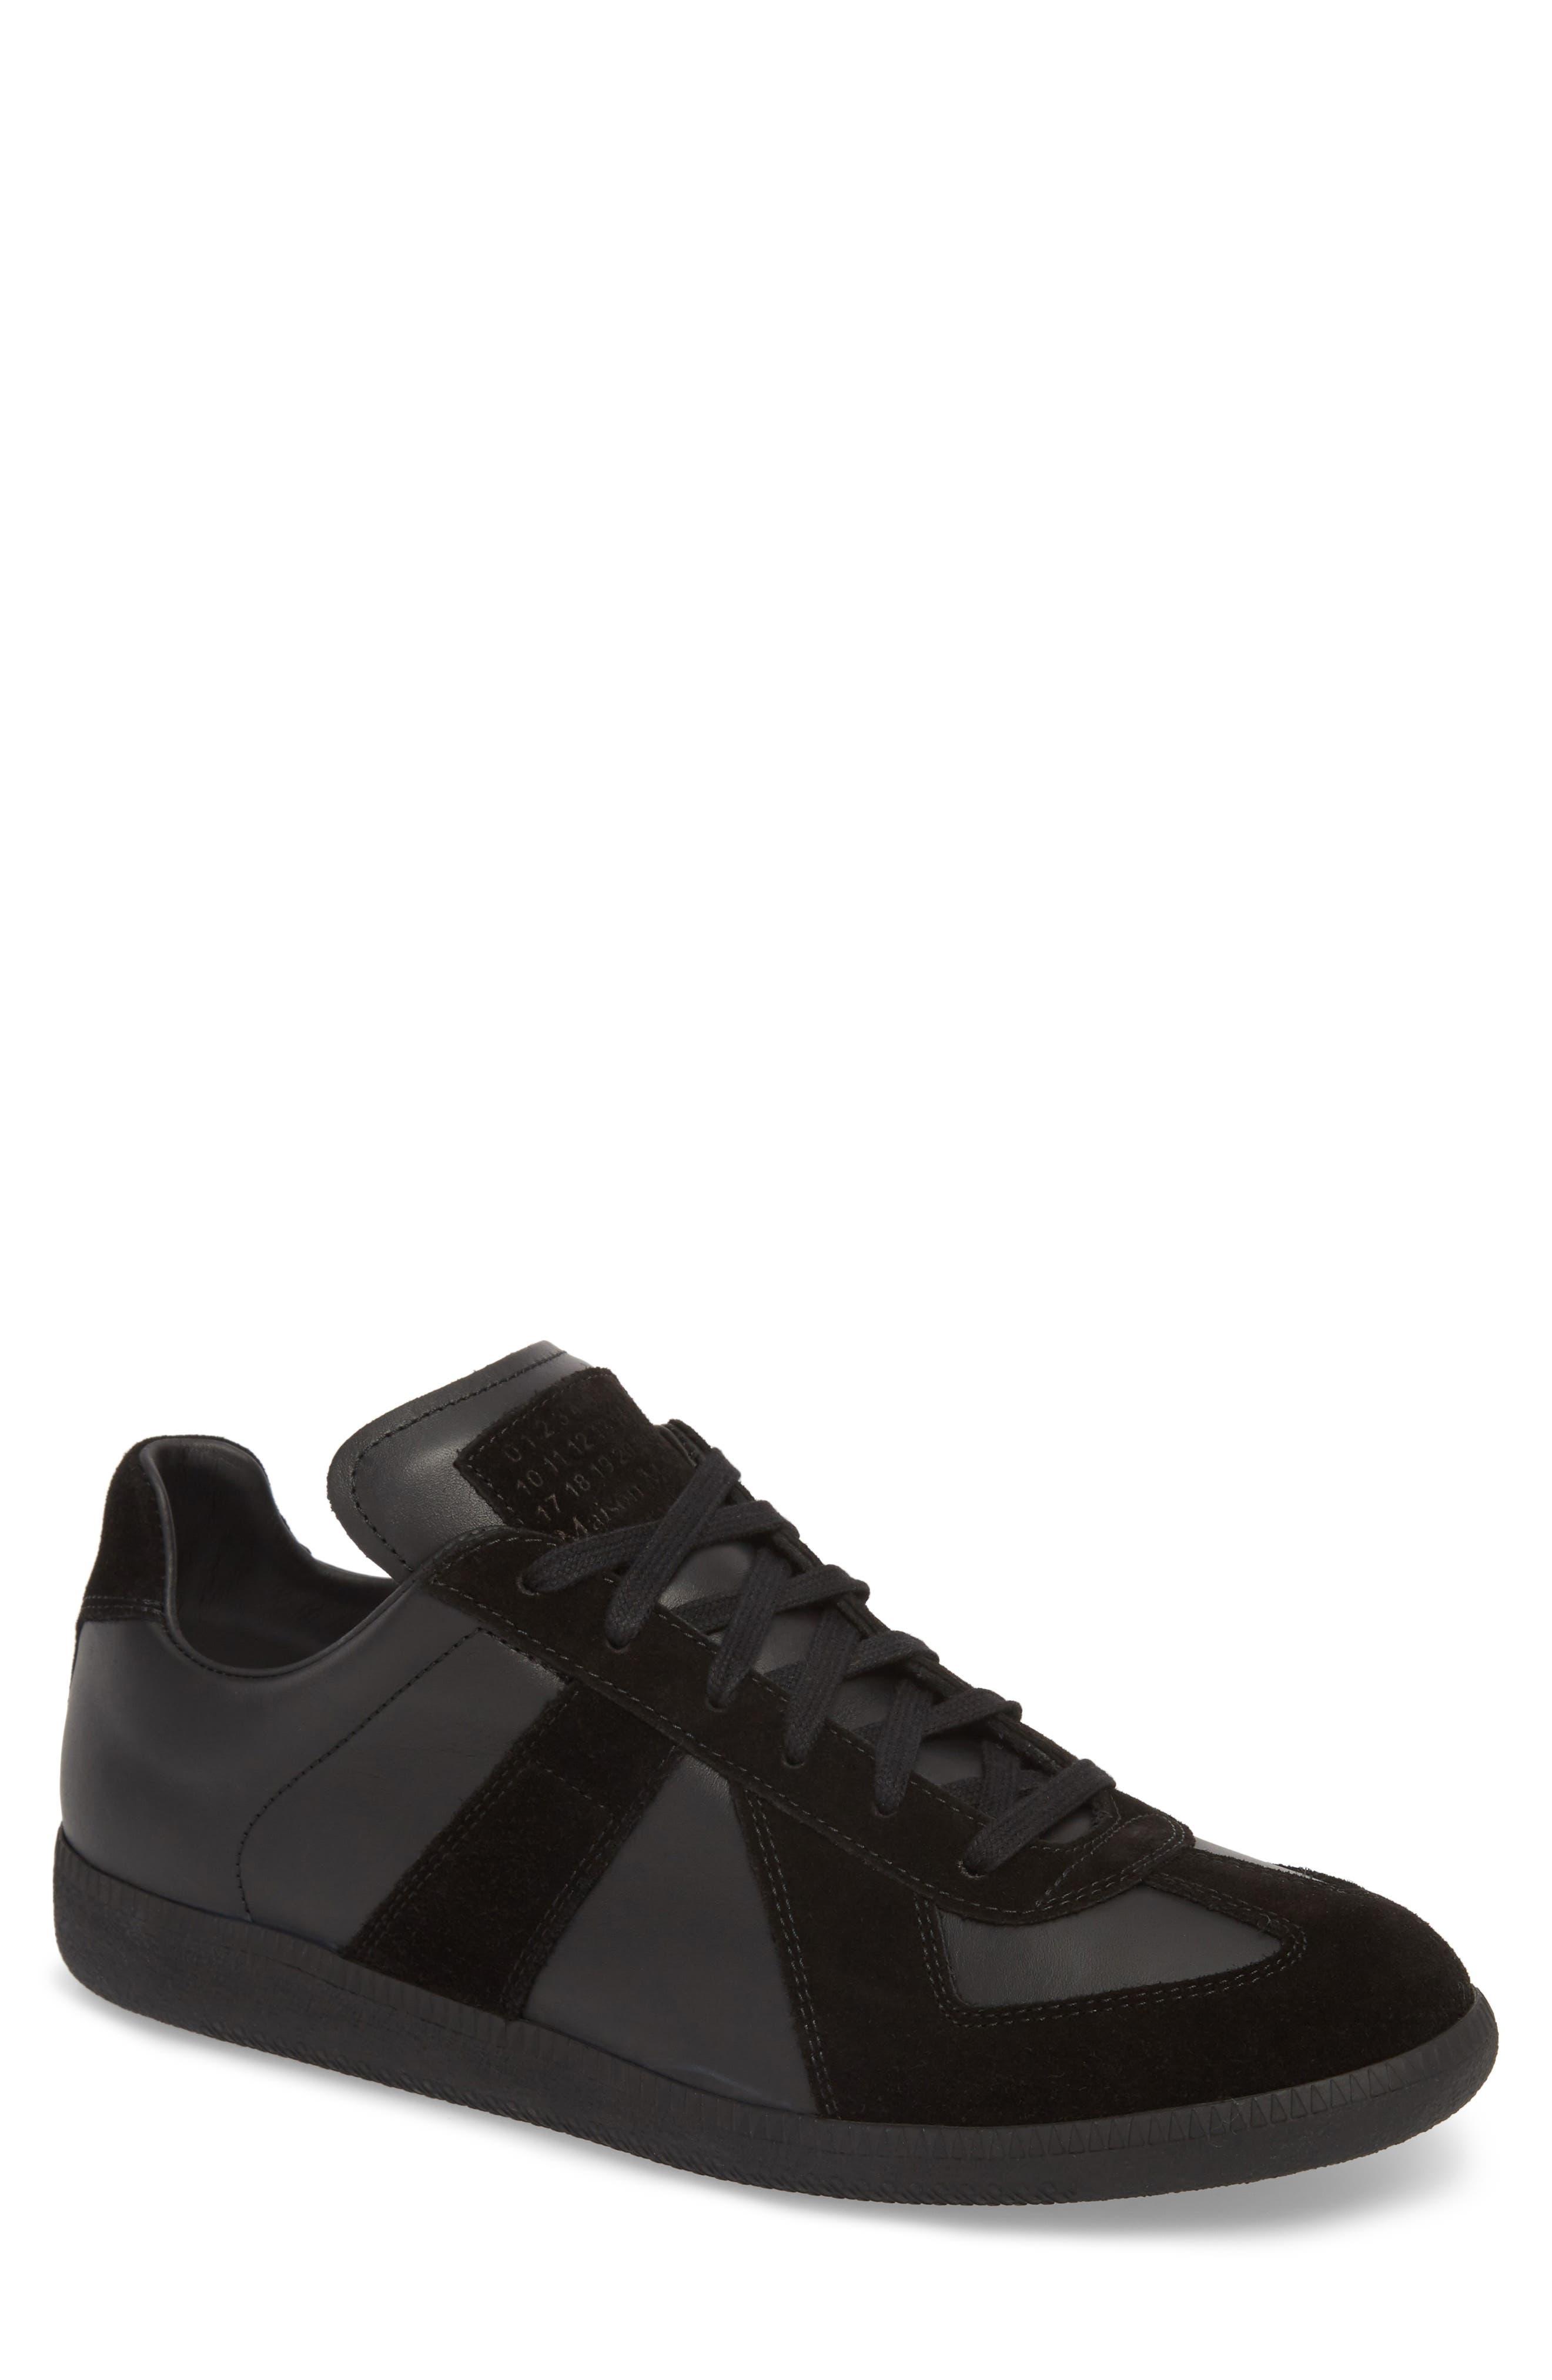 MM6 MAISON MARGIELA, Maison Margiela Replica Low Top Sneaker, Main thumbnail 1, color, BLACK